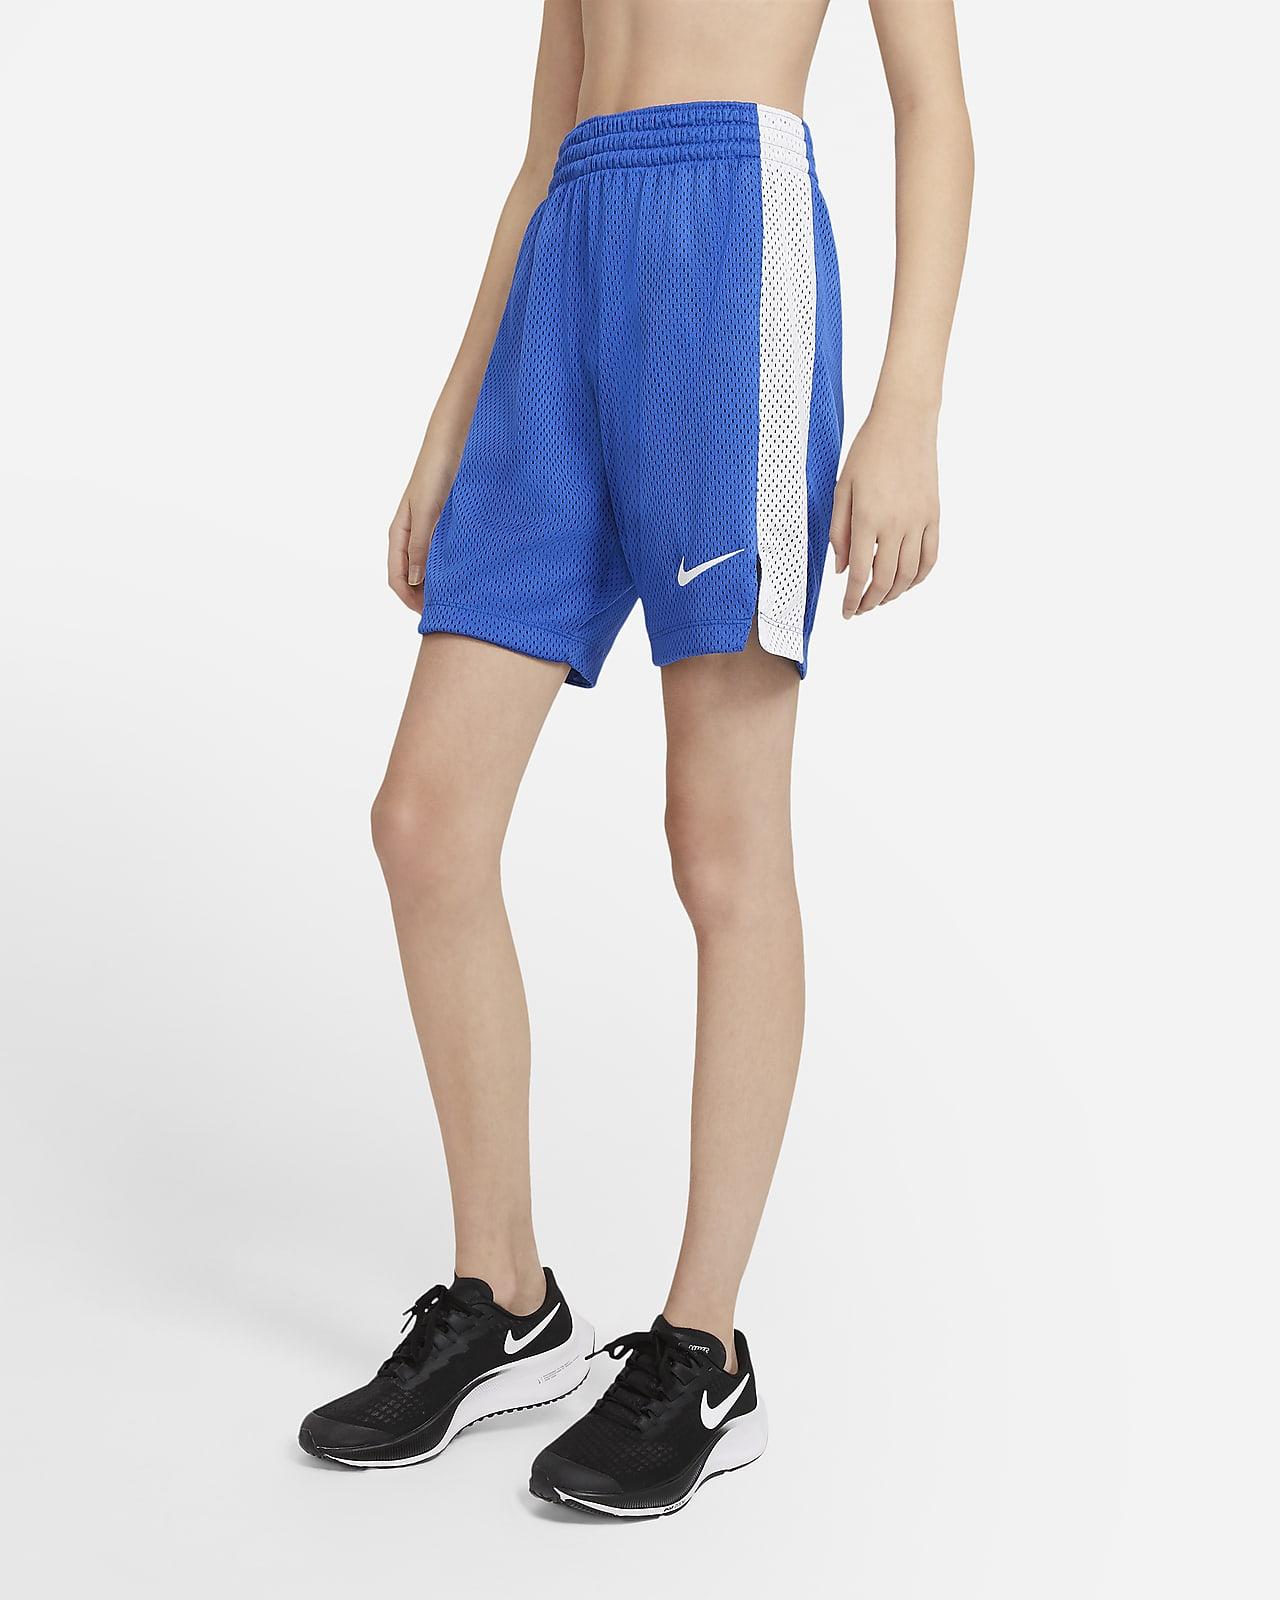 Nike Older Kids' (Girls') Training Shorts